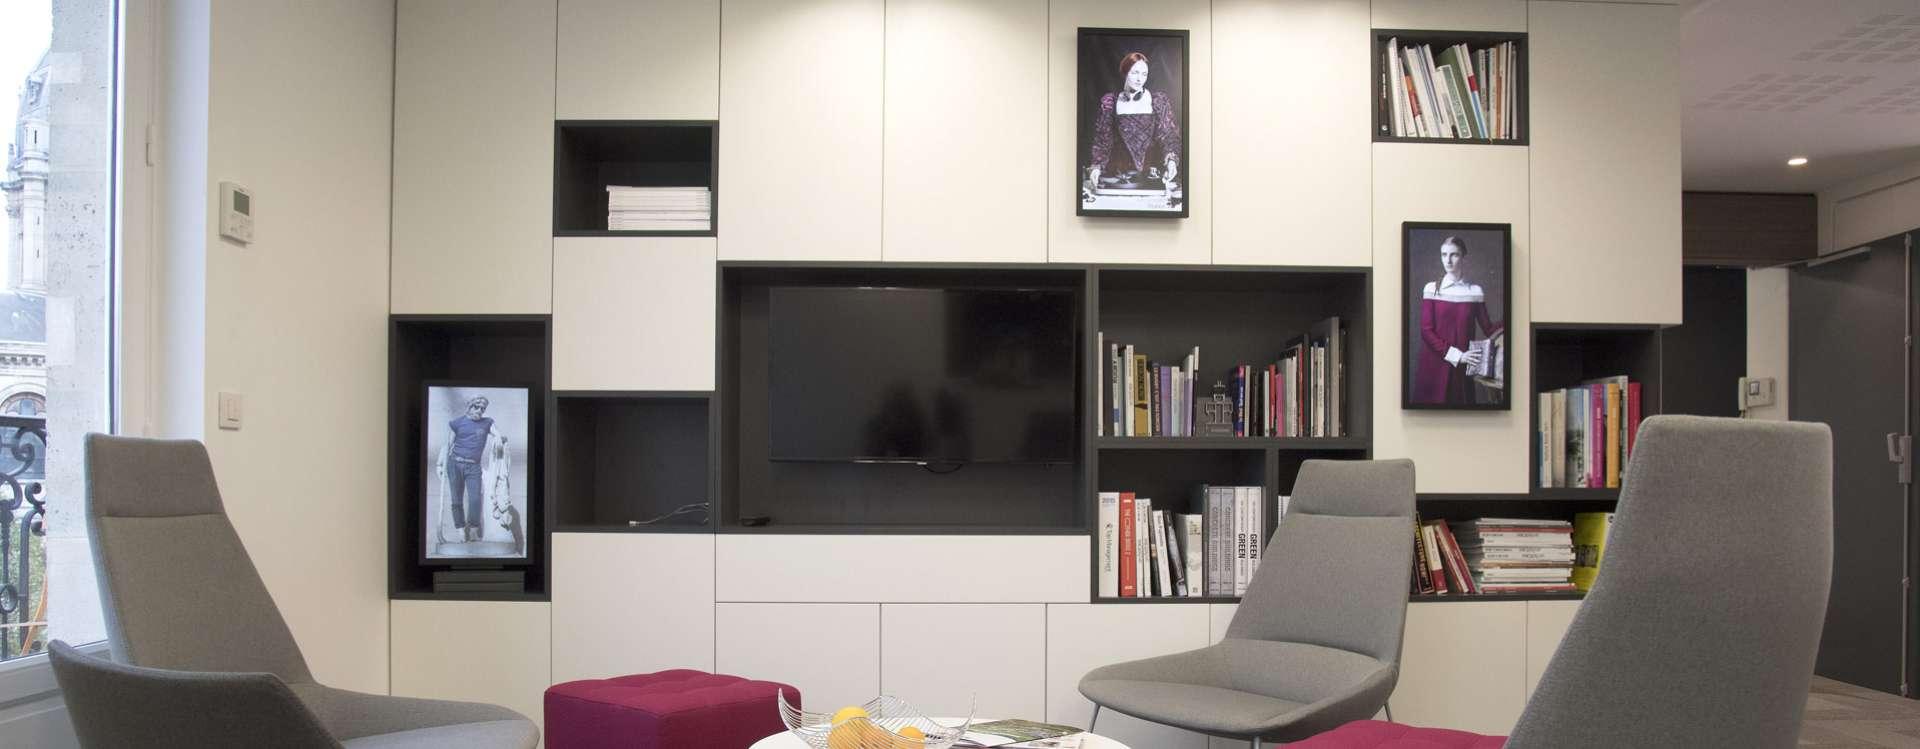 Couleur Apaisante Pour Bureau quand le bureau prend des couleurs | ga smart building